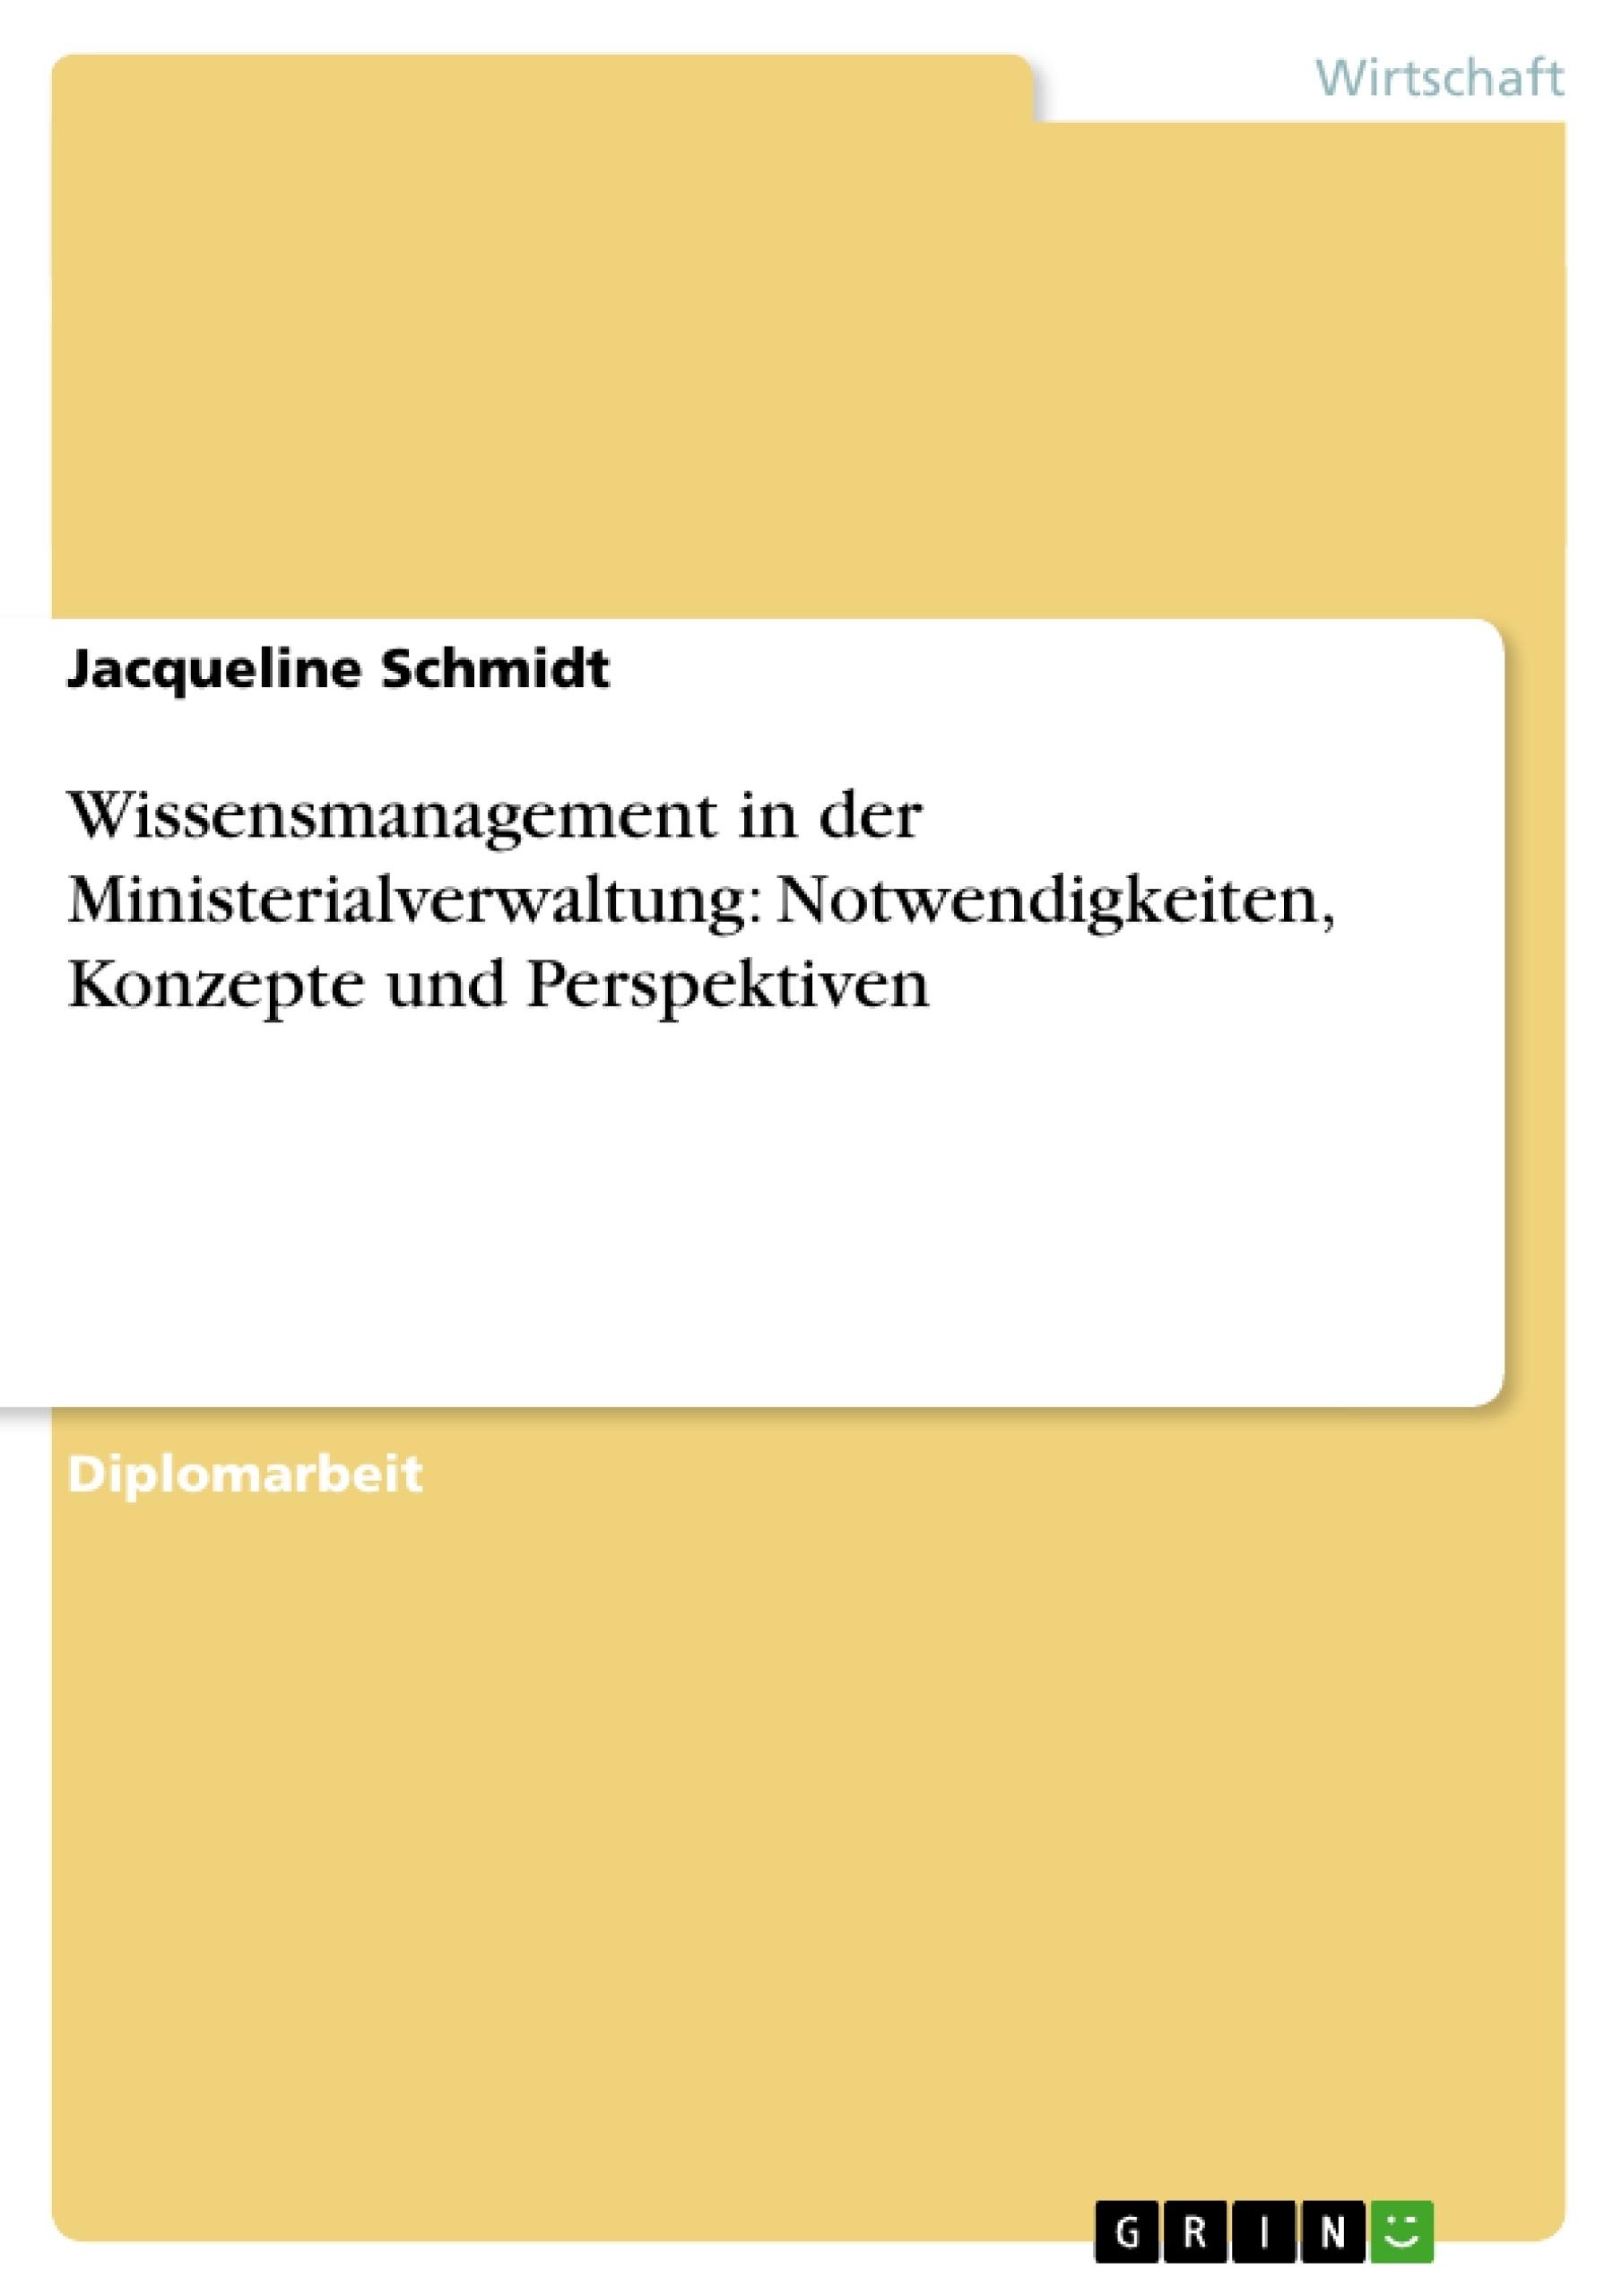 Titel: Wissensmanagement in der Ministerialverwaltung: Notwendigkeiten, Konzepte und Perspektiven